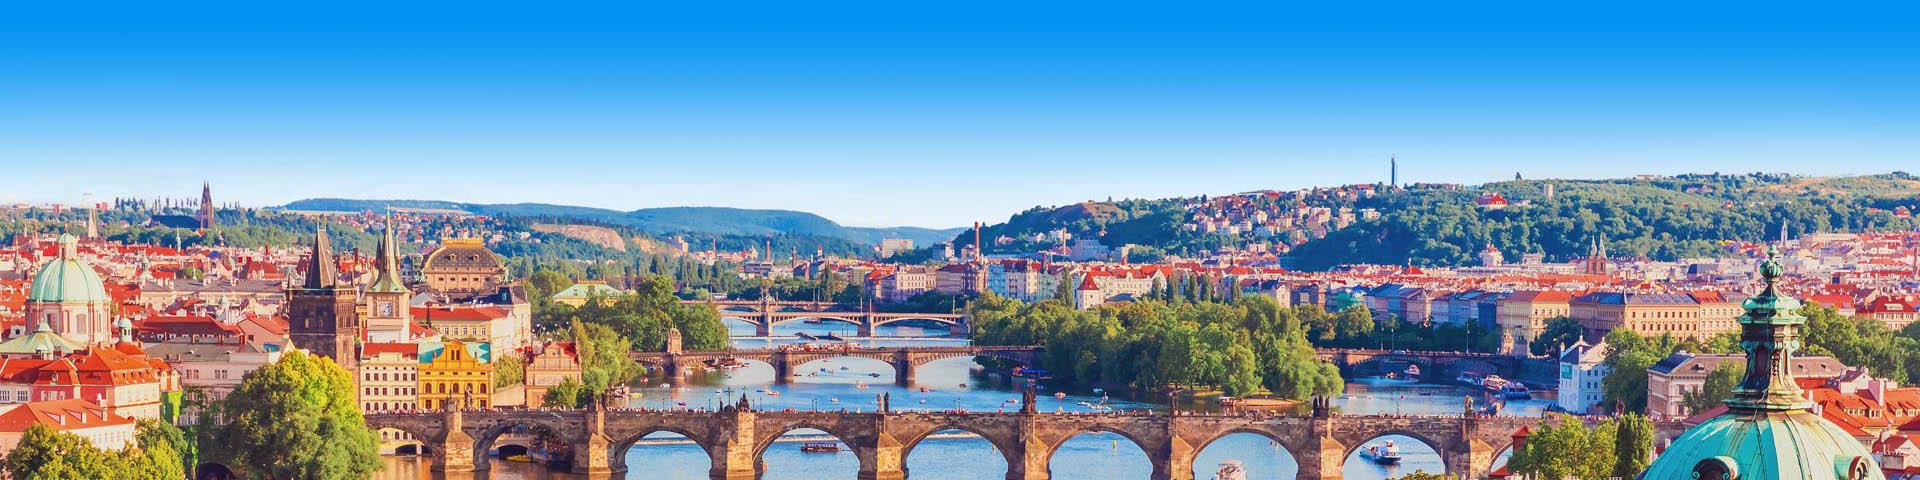 Brug met uitzicht over landschap in Tsjechië